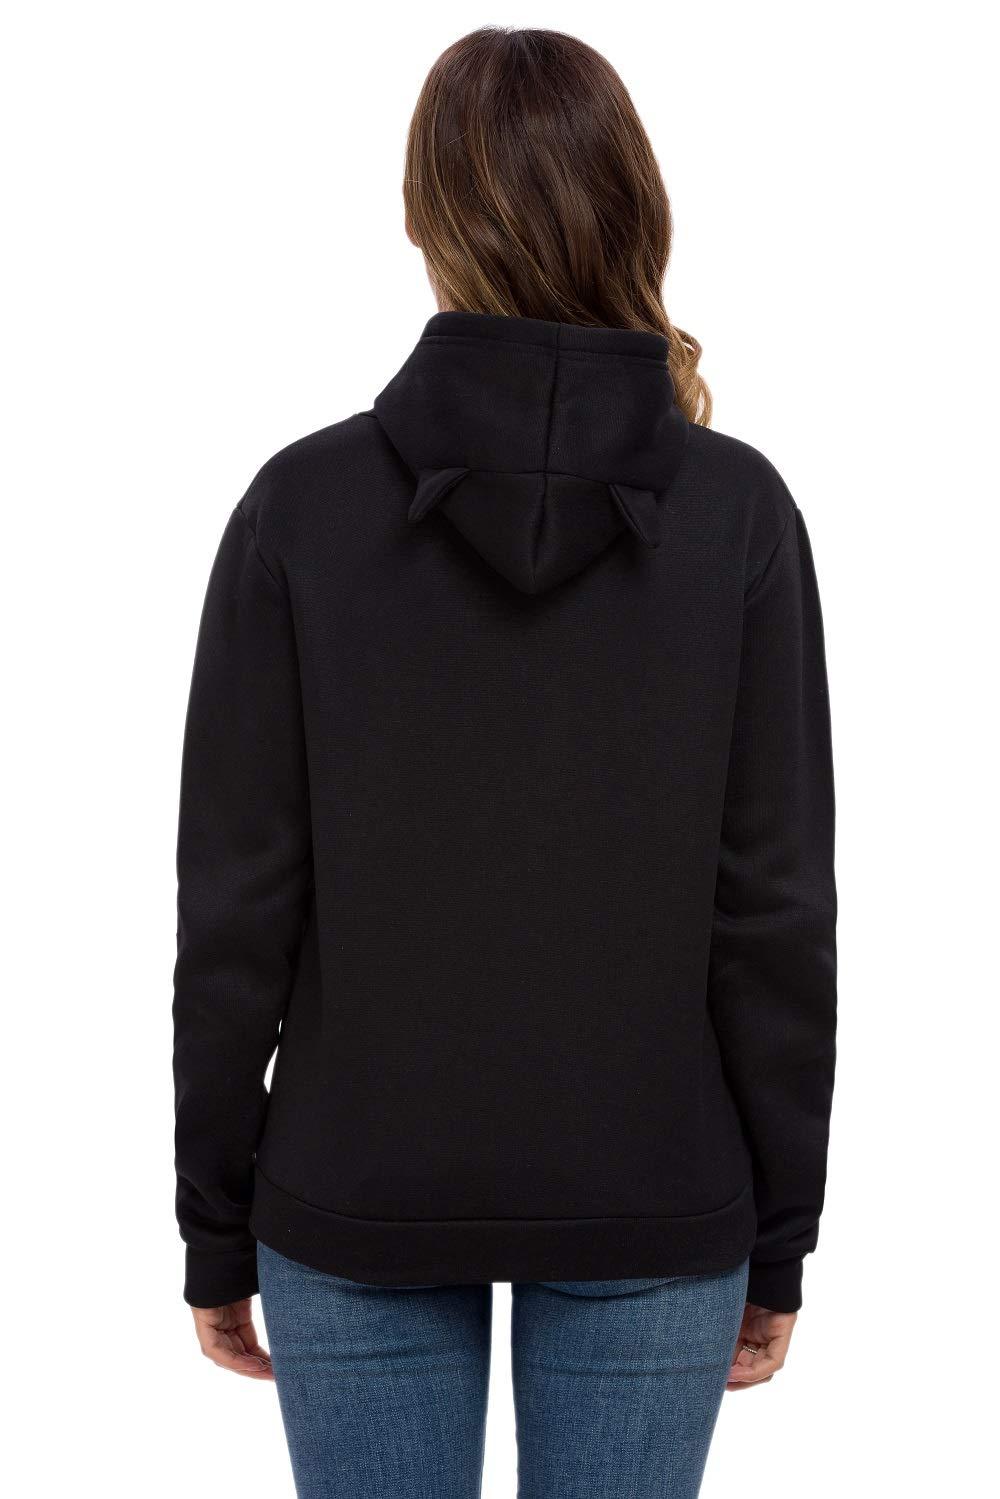 Women Girls Cat Ears Hoodies Sleeping Cat Printed Pullover Sweatershirt (Black,S)